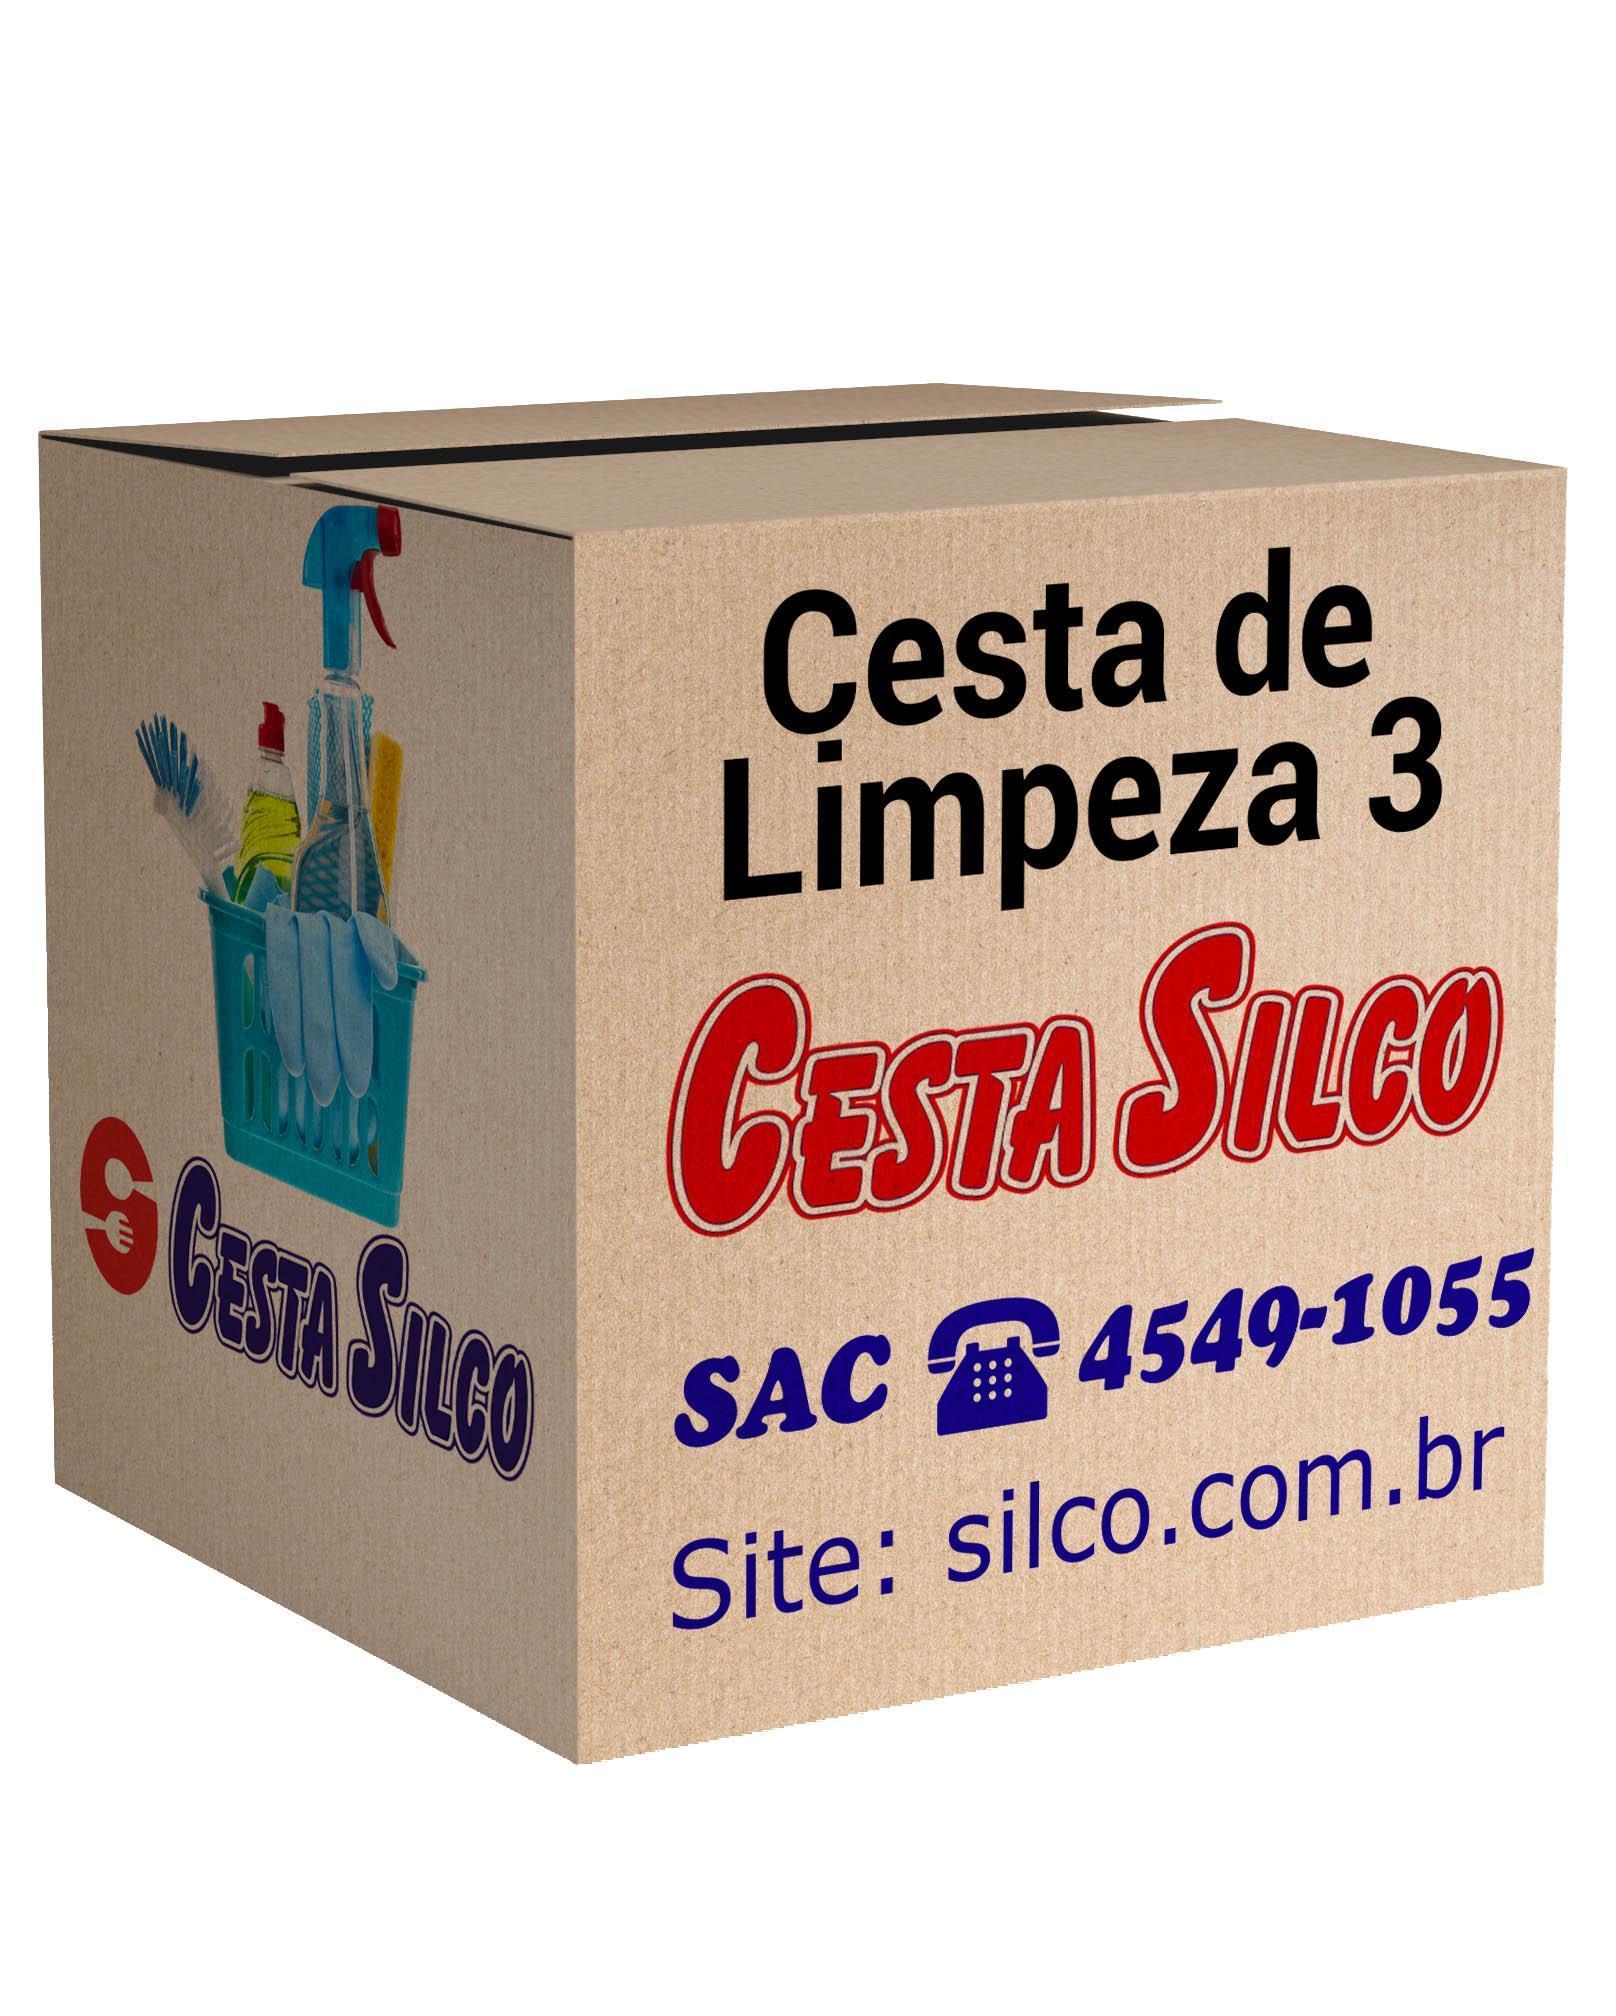 cesta-limpeza-3